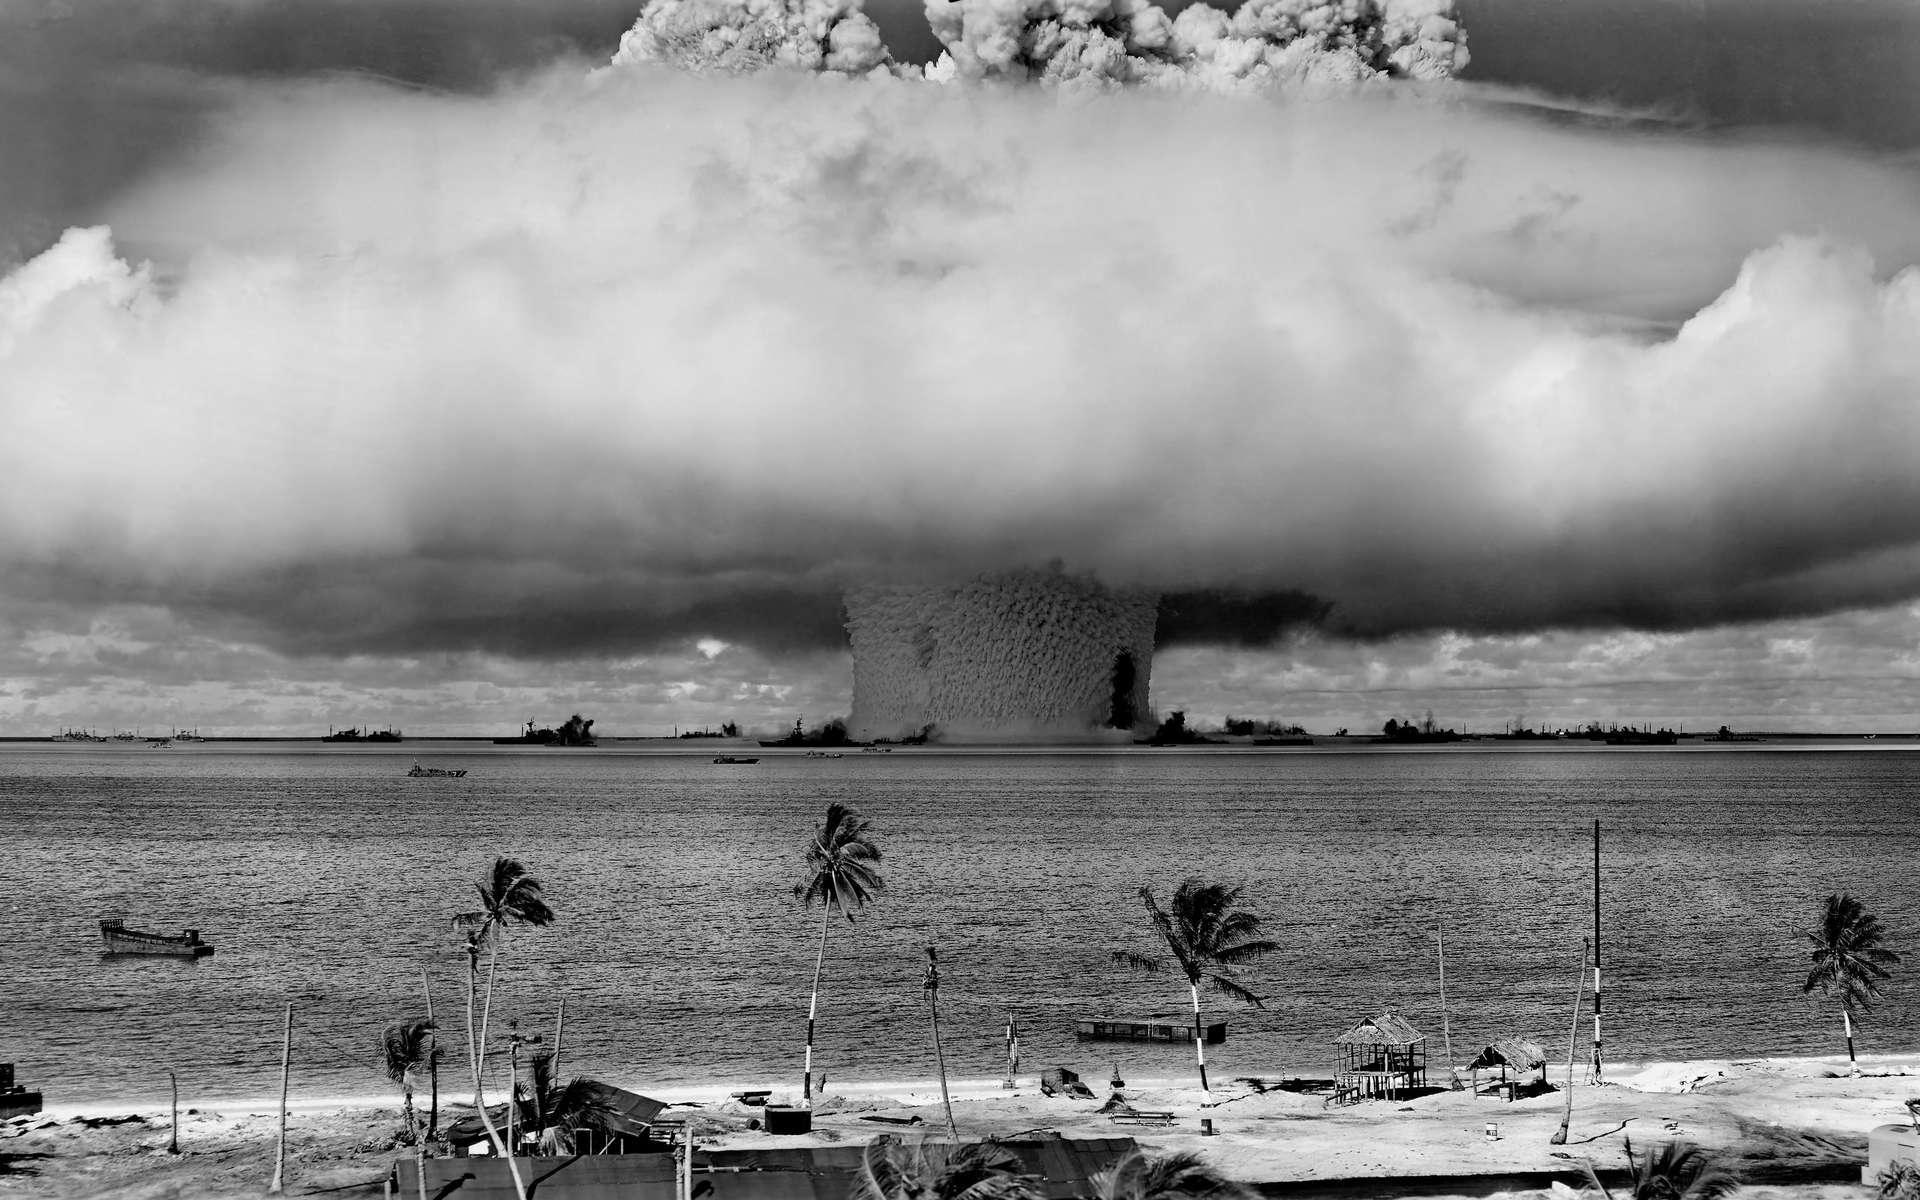 En 1962, la crise des missiles de Cuba aurait pu conduire à une apocalypse nucléaire. Le téléphone rouge a été installé après cet épisode pour permettre un meilleur dialogue entre les deux superpuissances. © United States Department of Defense, Wikimedia Commons, DP